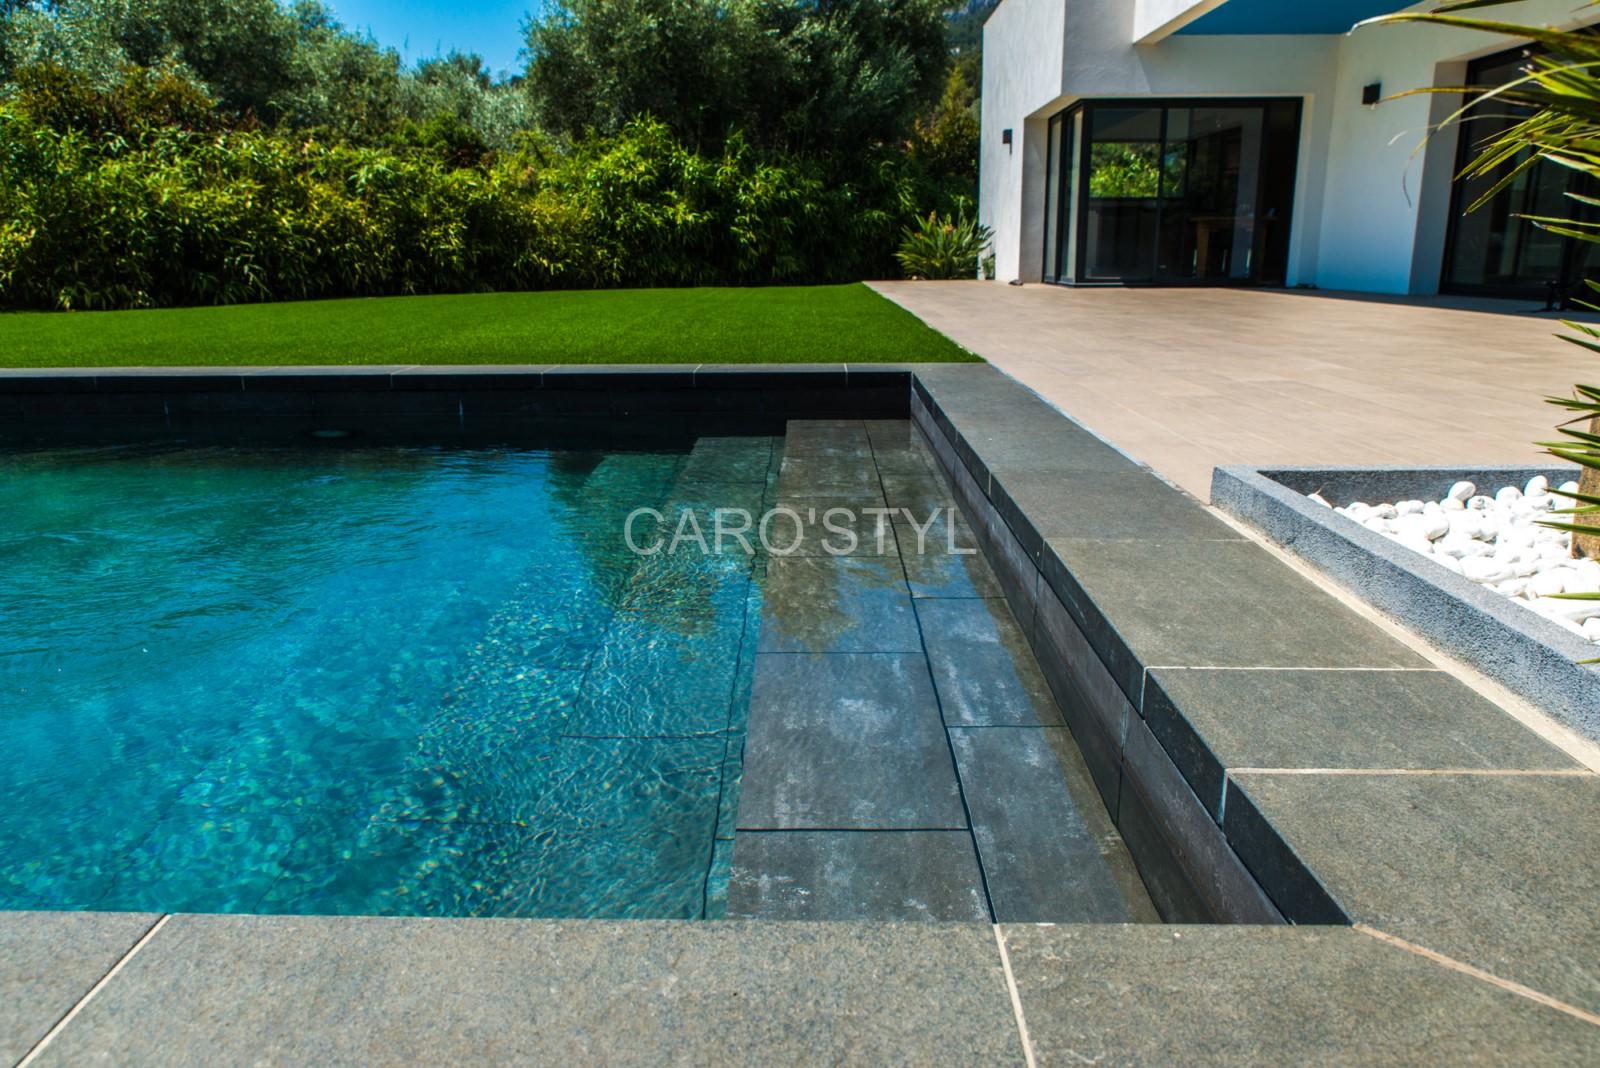 Carrelage le maurice black pour votre piscine contemporaine magasin de carrelage pierre - Carrelage piscine moderne ...